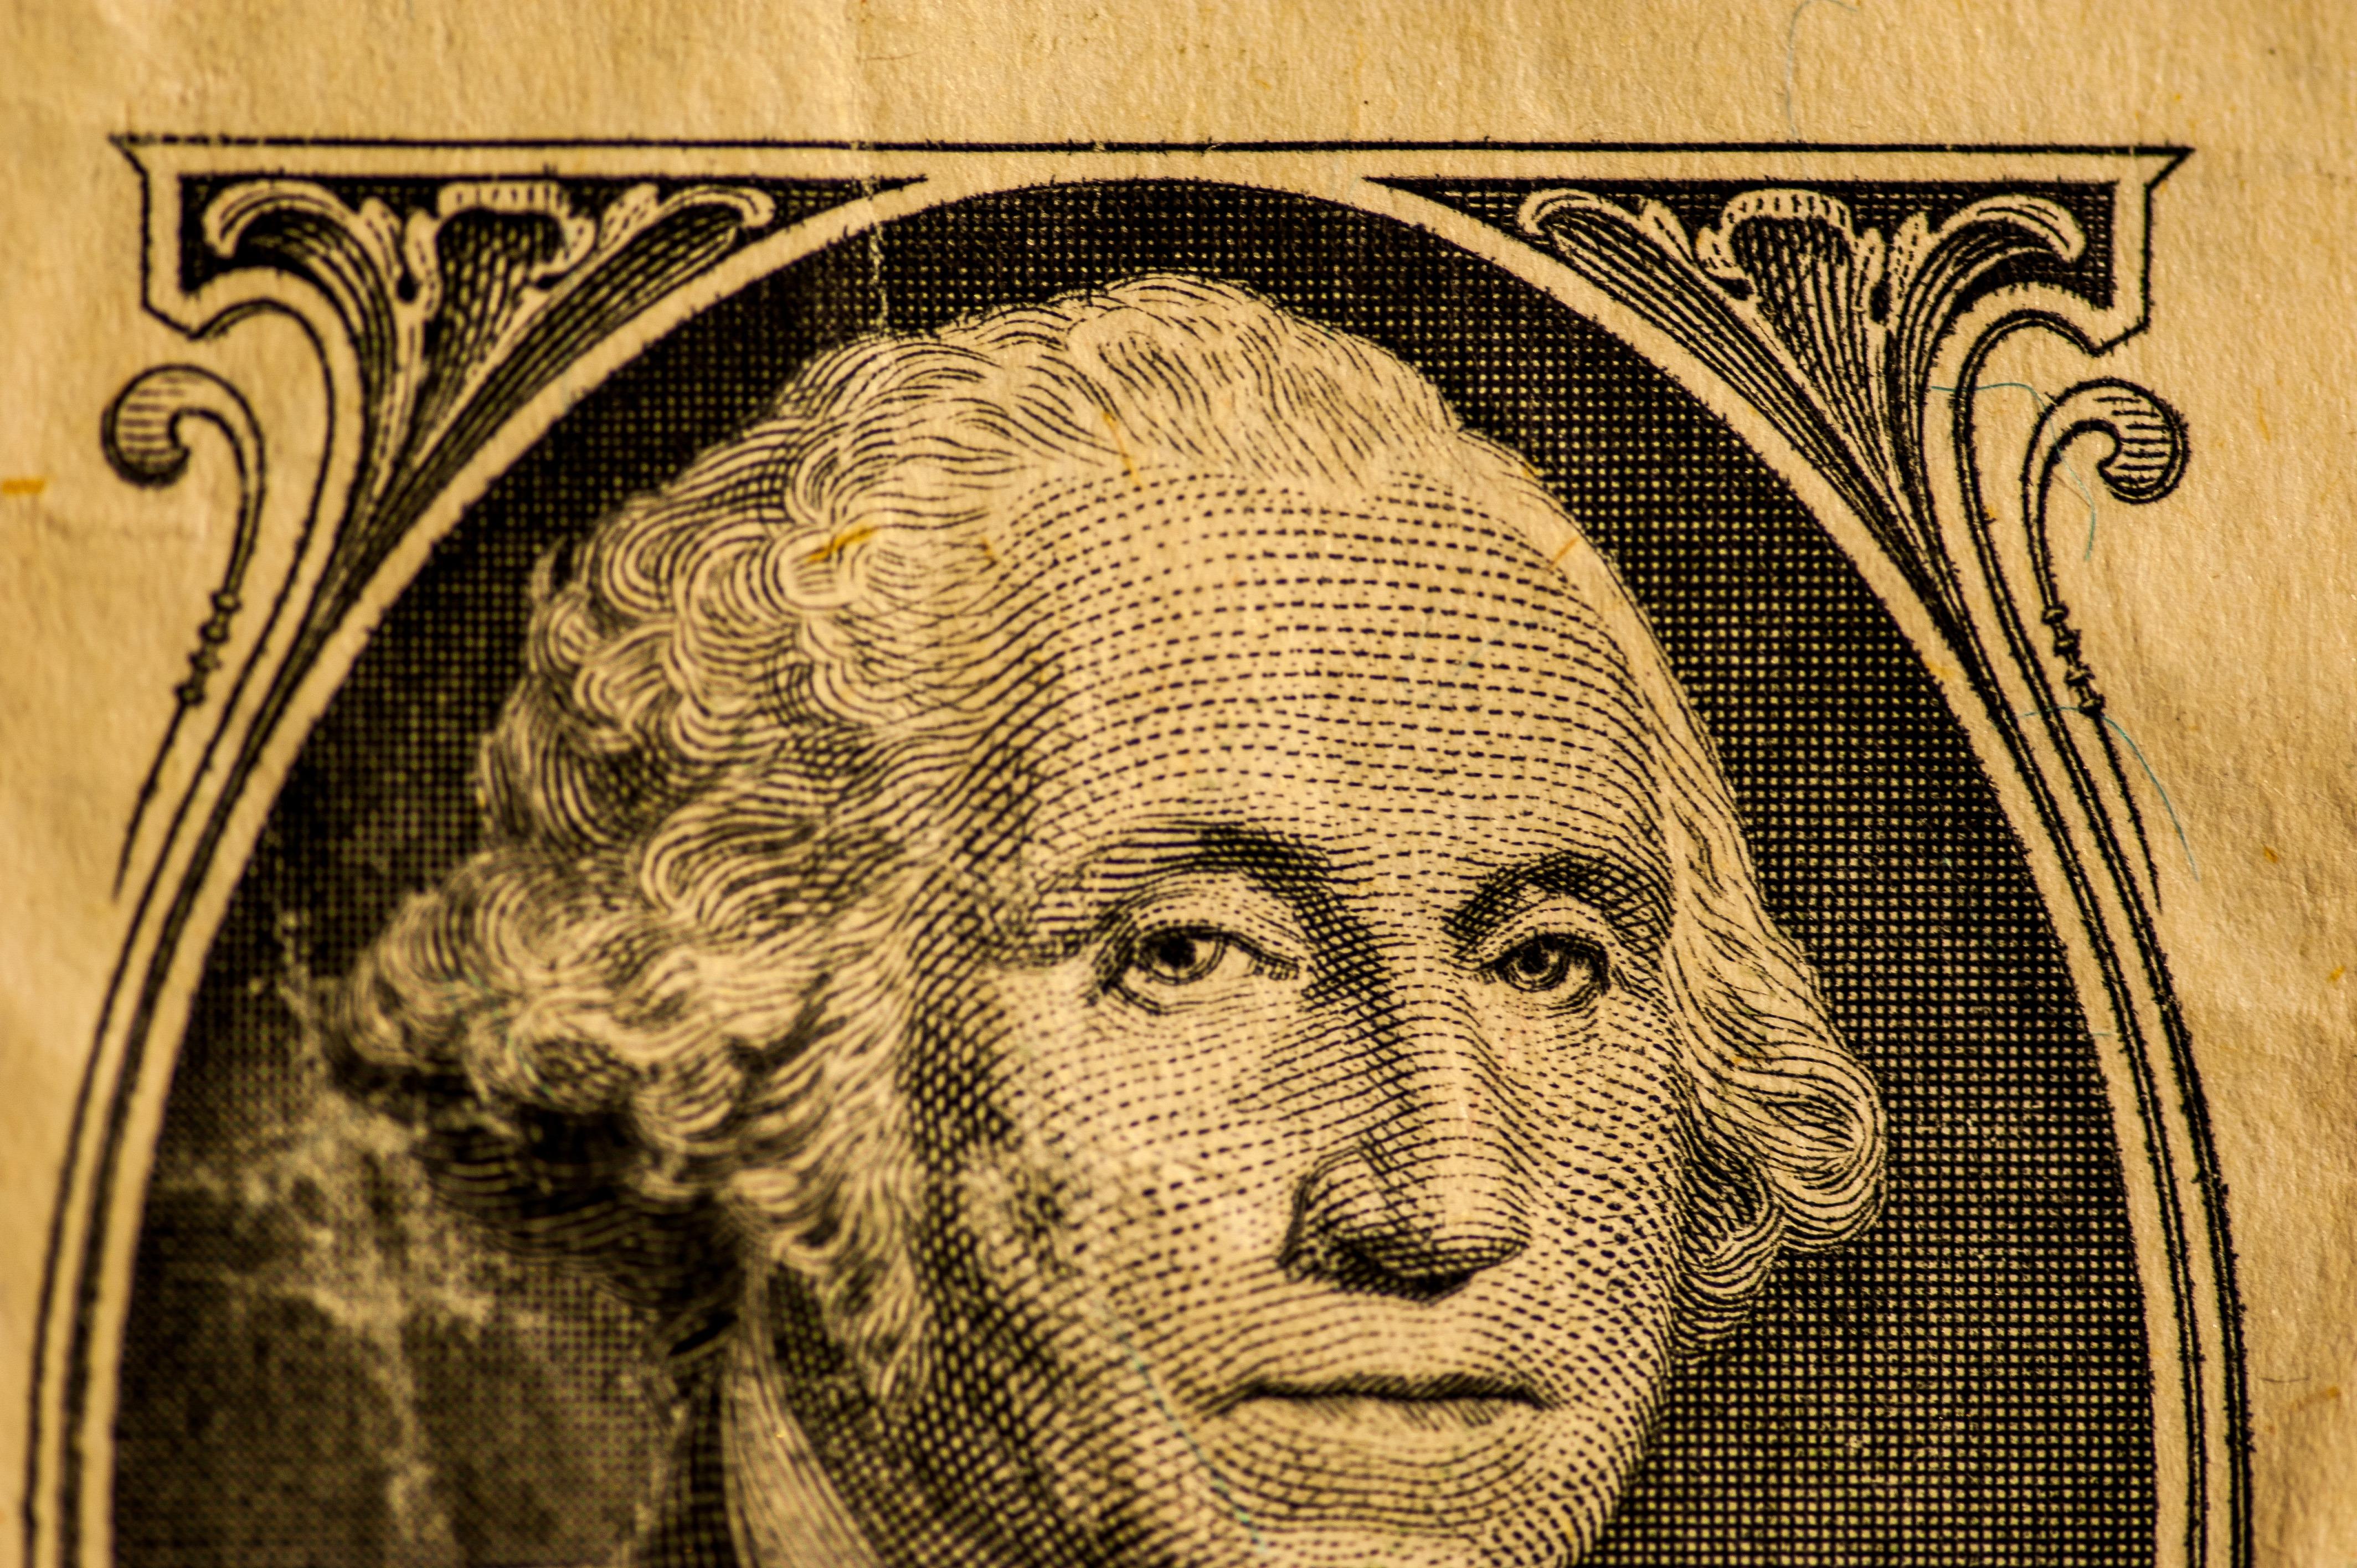 Fotos gratis : dinero, negocio, escultura, art, bosquejo, dibujo ...